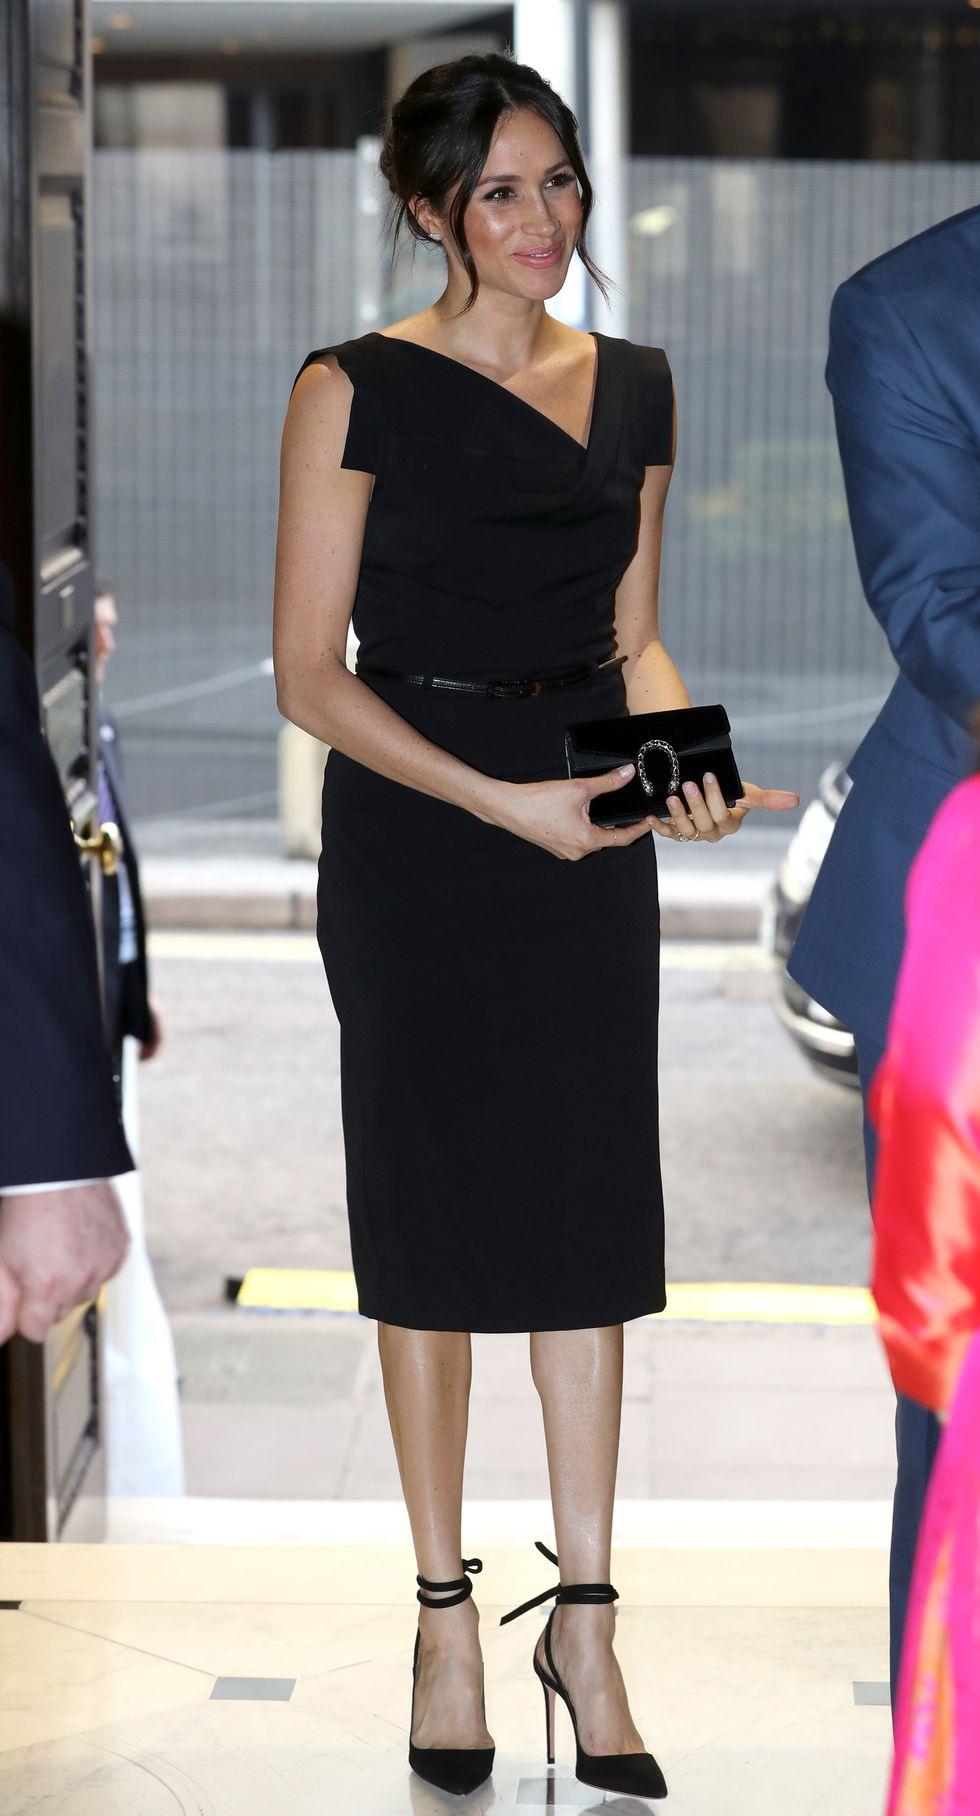 Невеста принца Гарри в черном платье и туфлях на каблуке